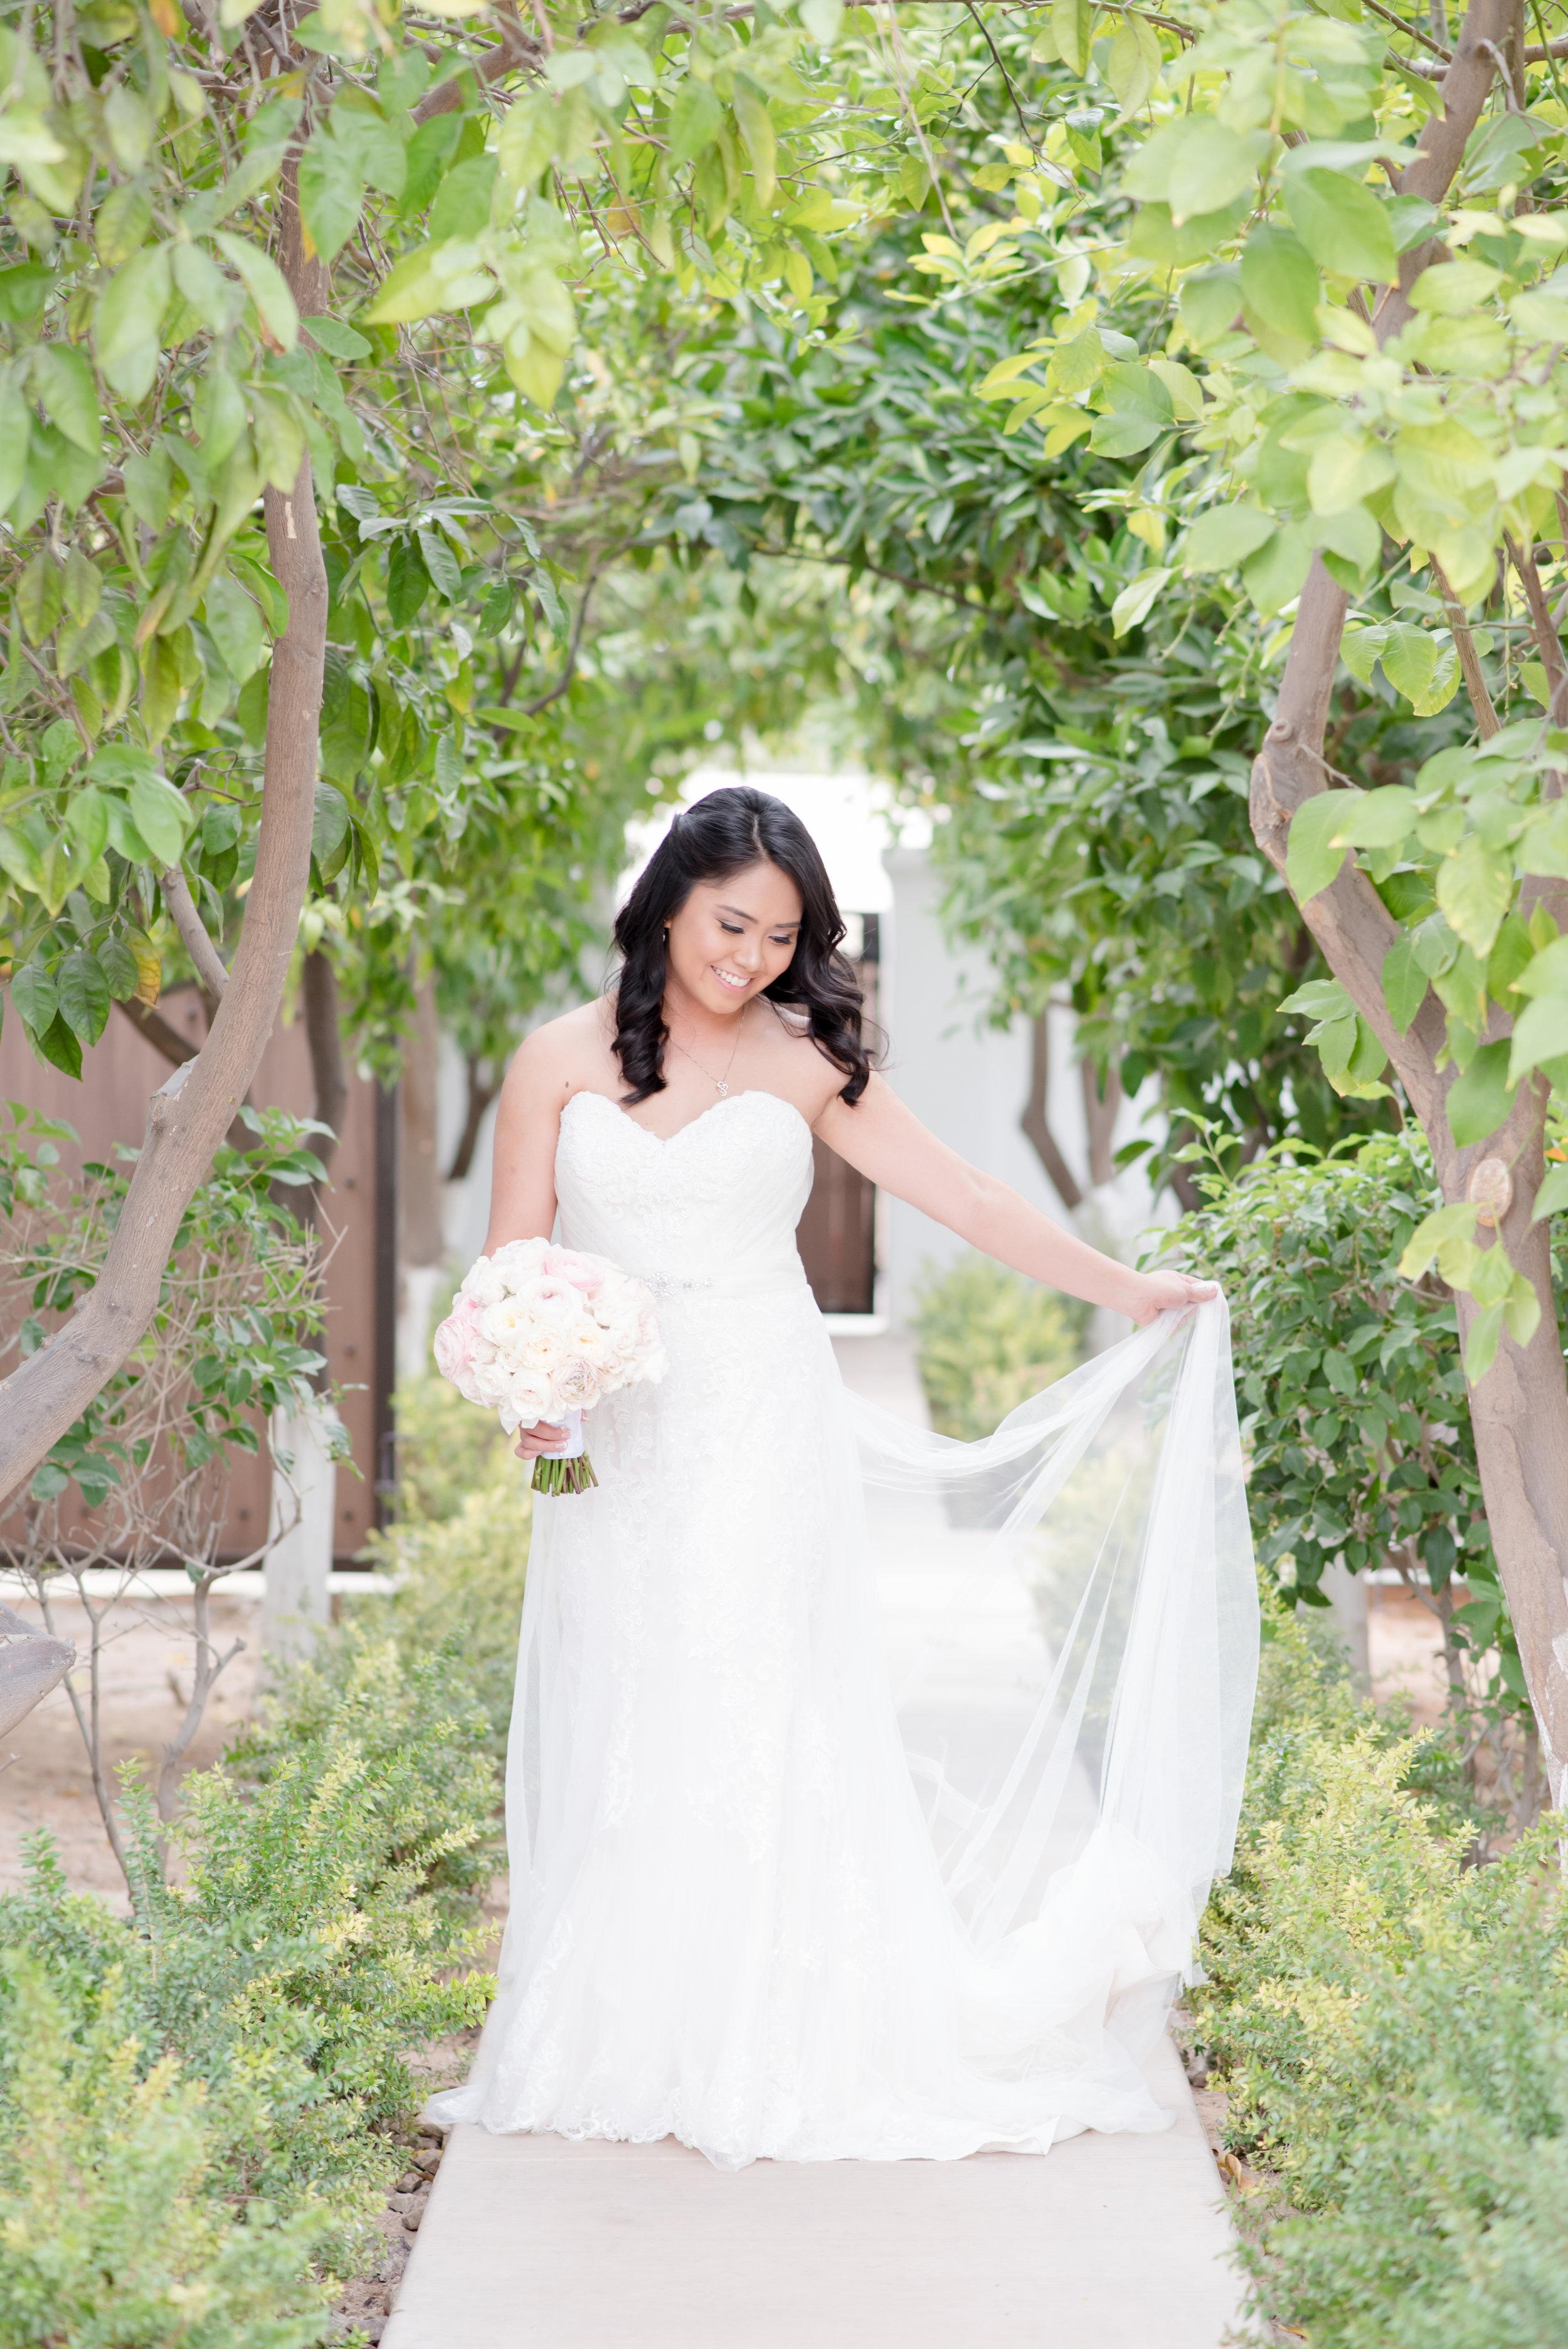 Bridal4thewin_phxmakeup28.jpg